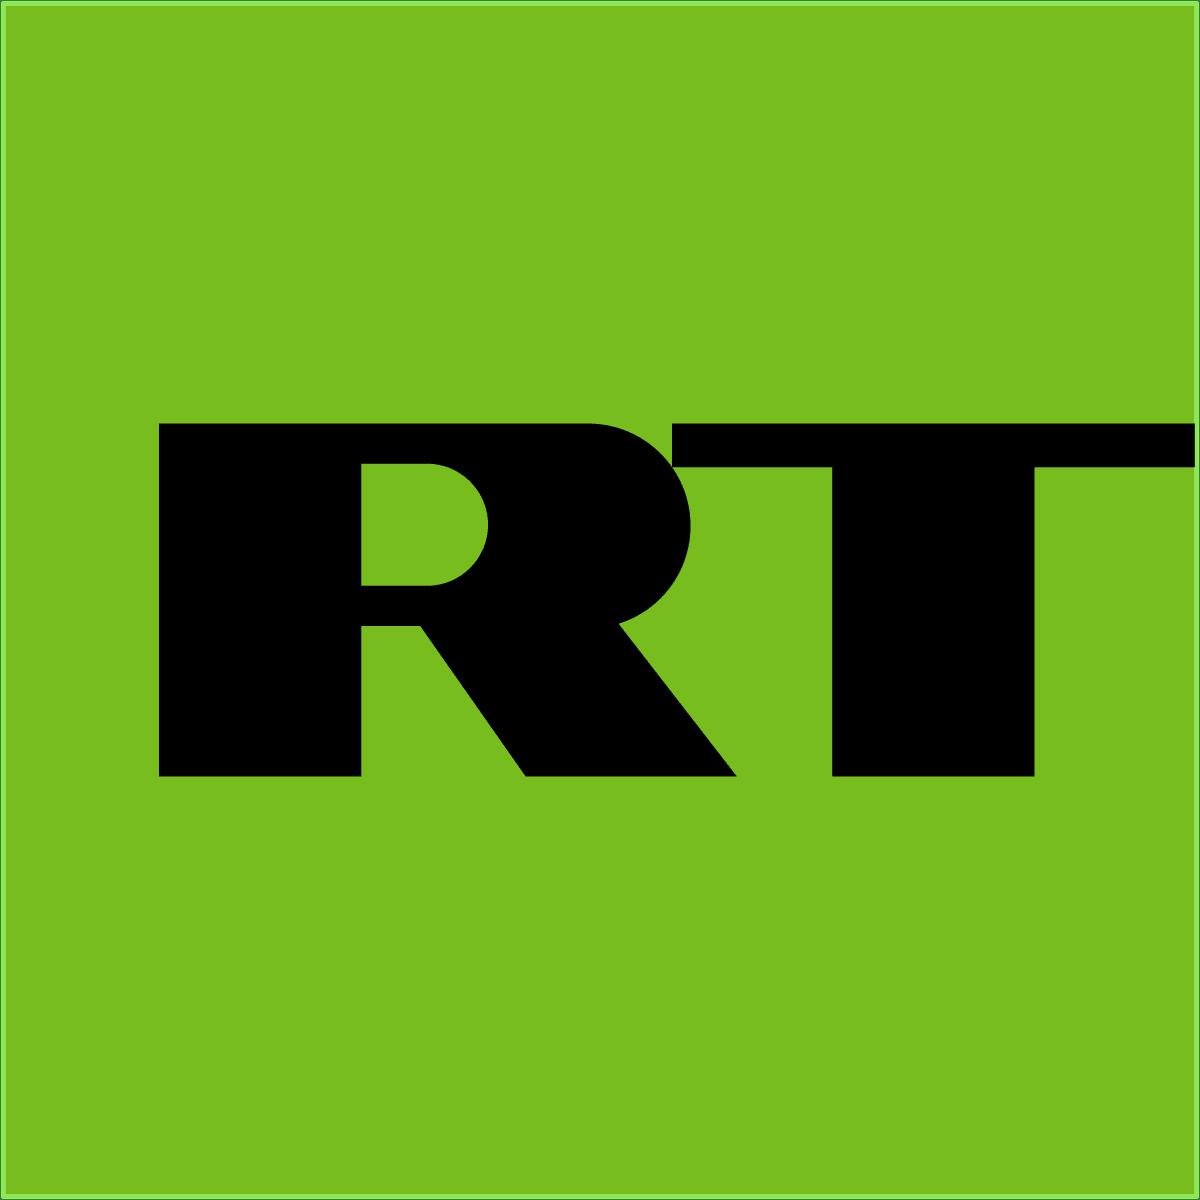 وظائف شاغرة حالية في الموقع الإلكتروني لقناة RT الناطقة بالعربية